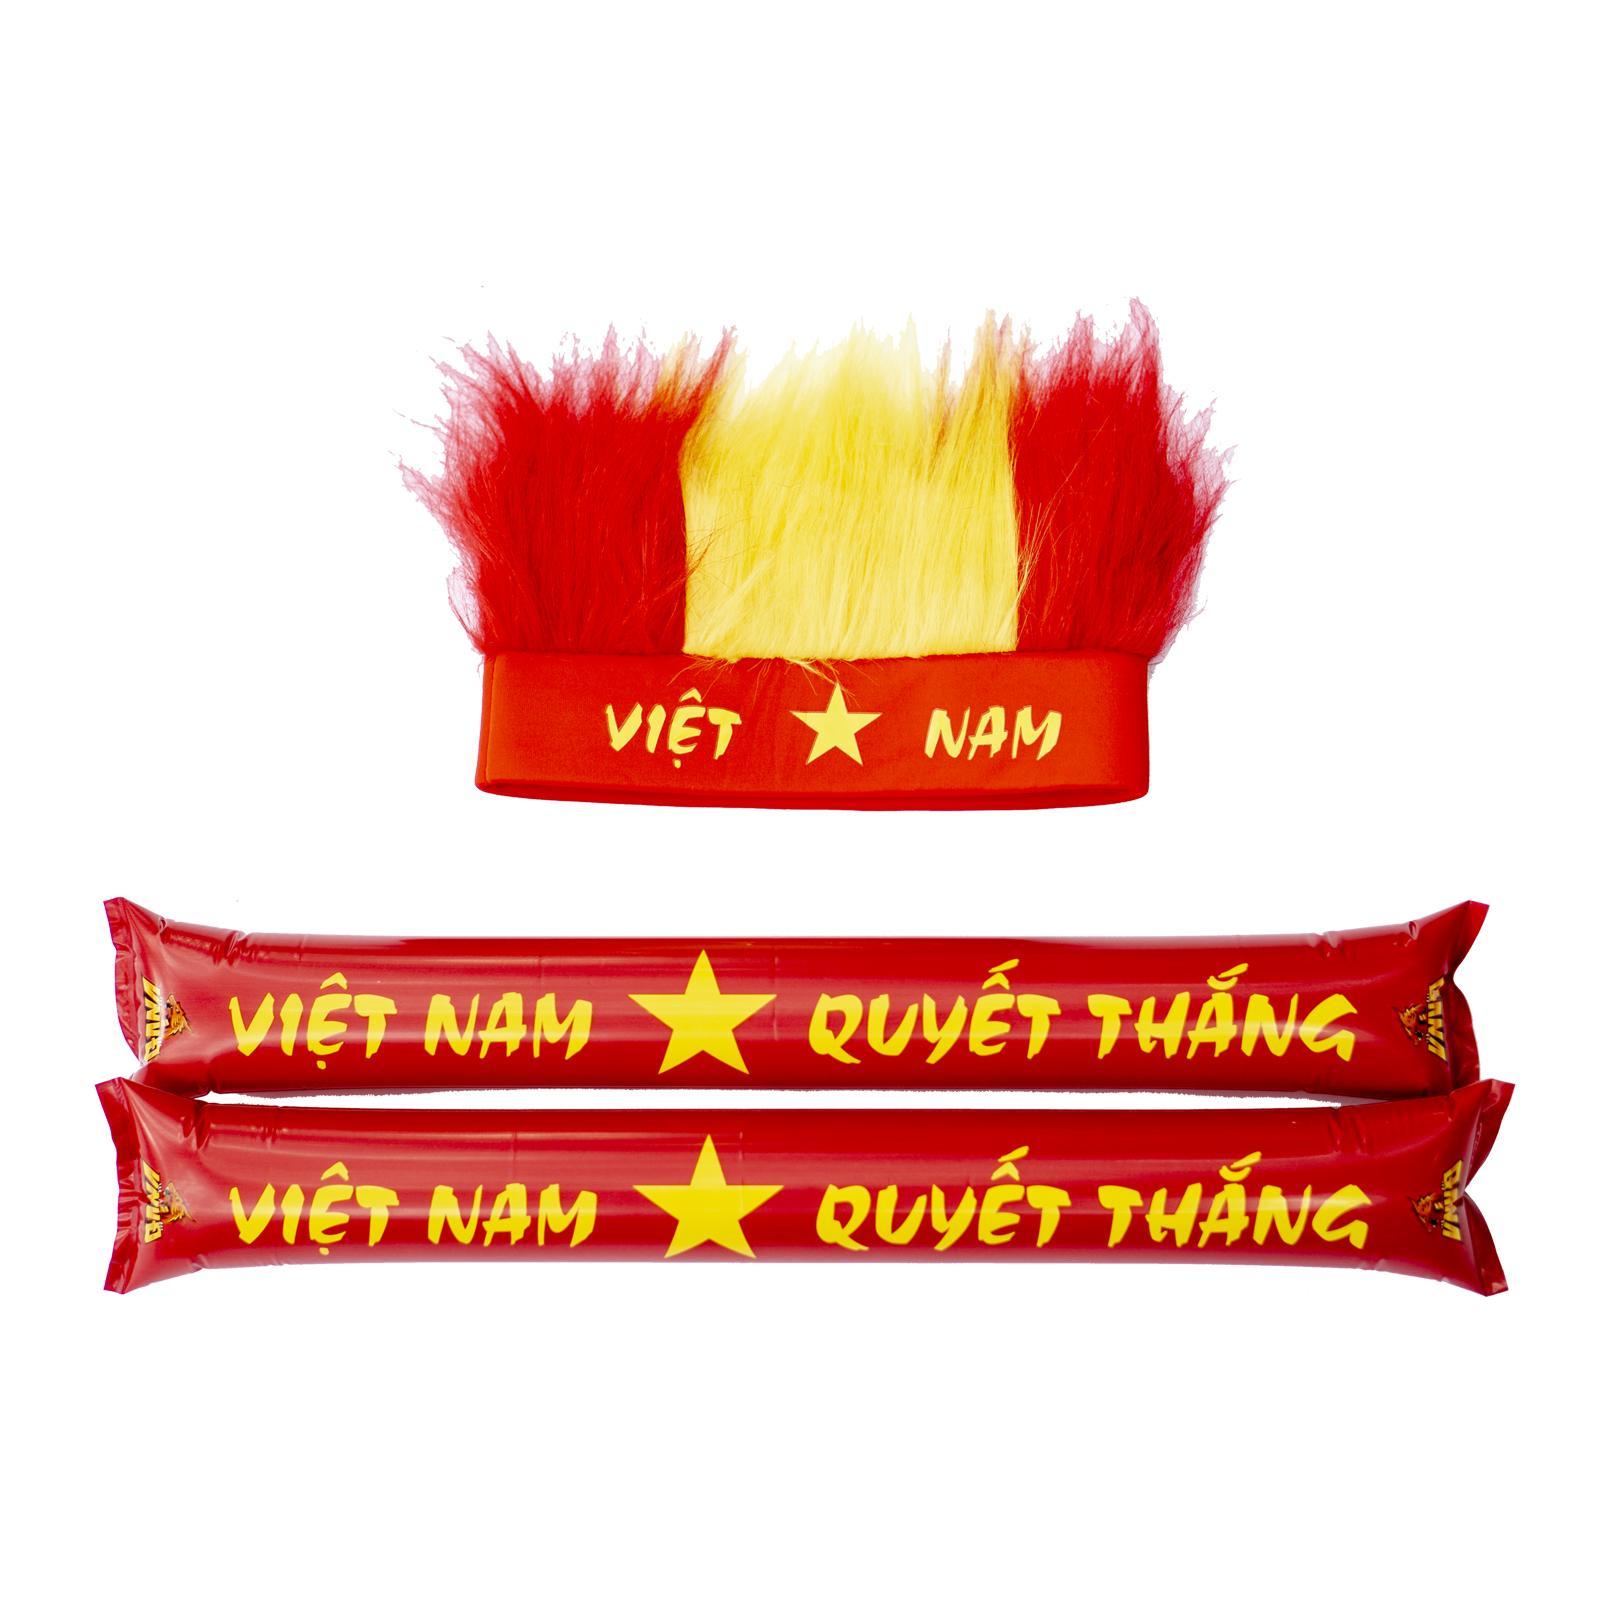 Hình ảnh Set Đồ Cổ Vũ Thể Thao Việt Nam - 1 Mũ Lông + 2 Gậy Đập